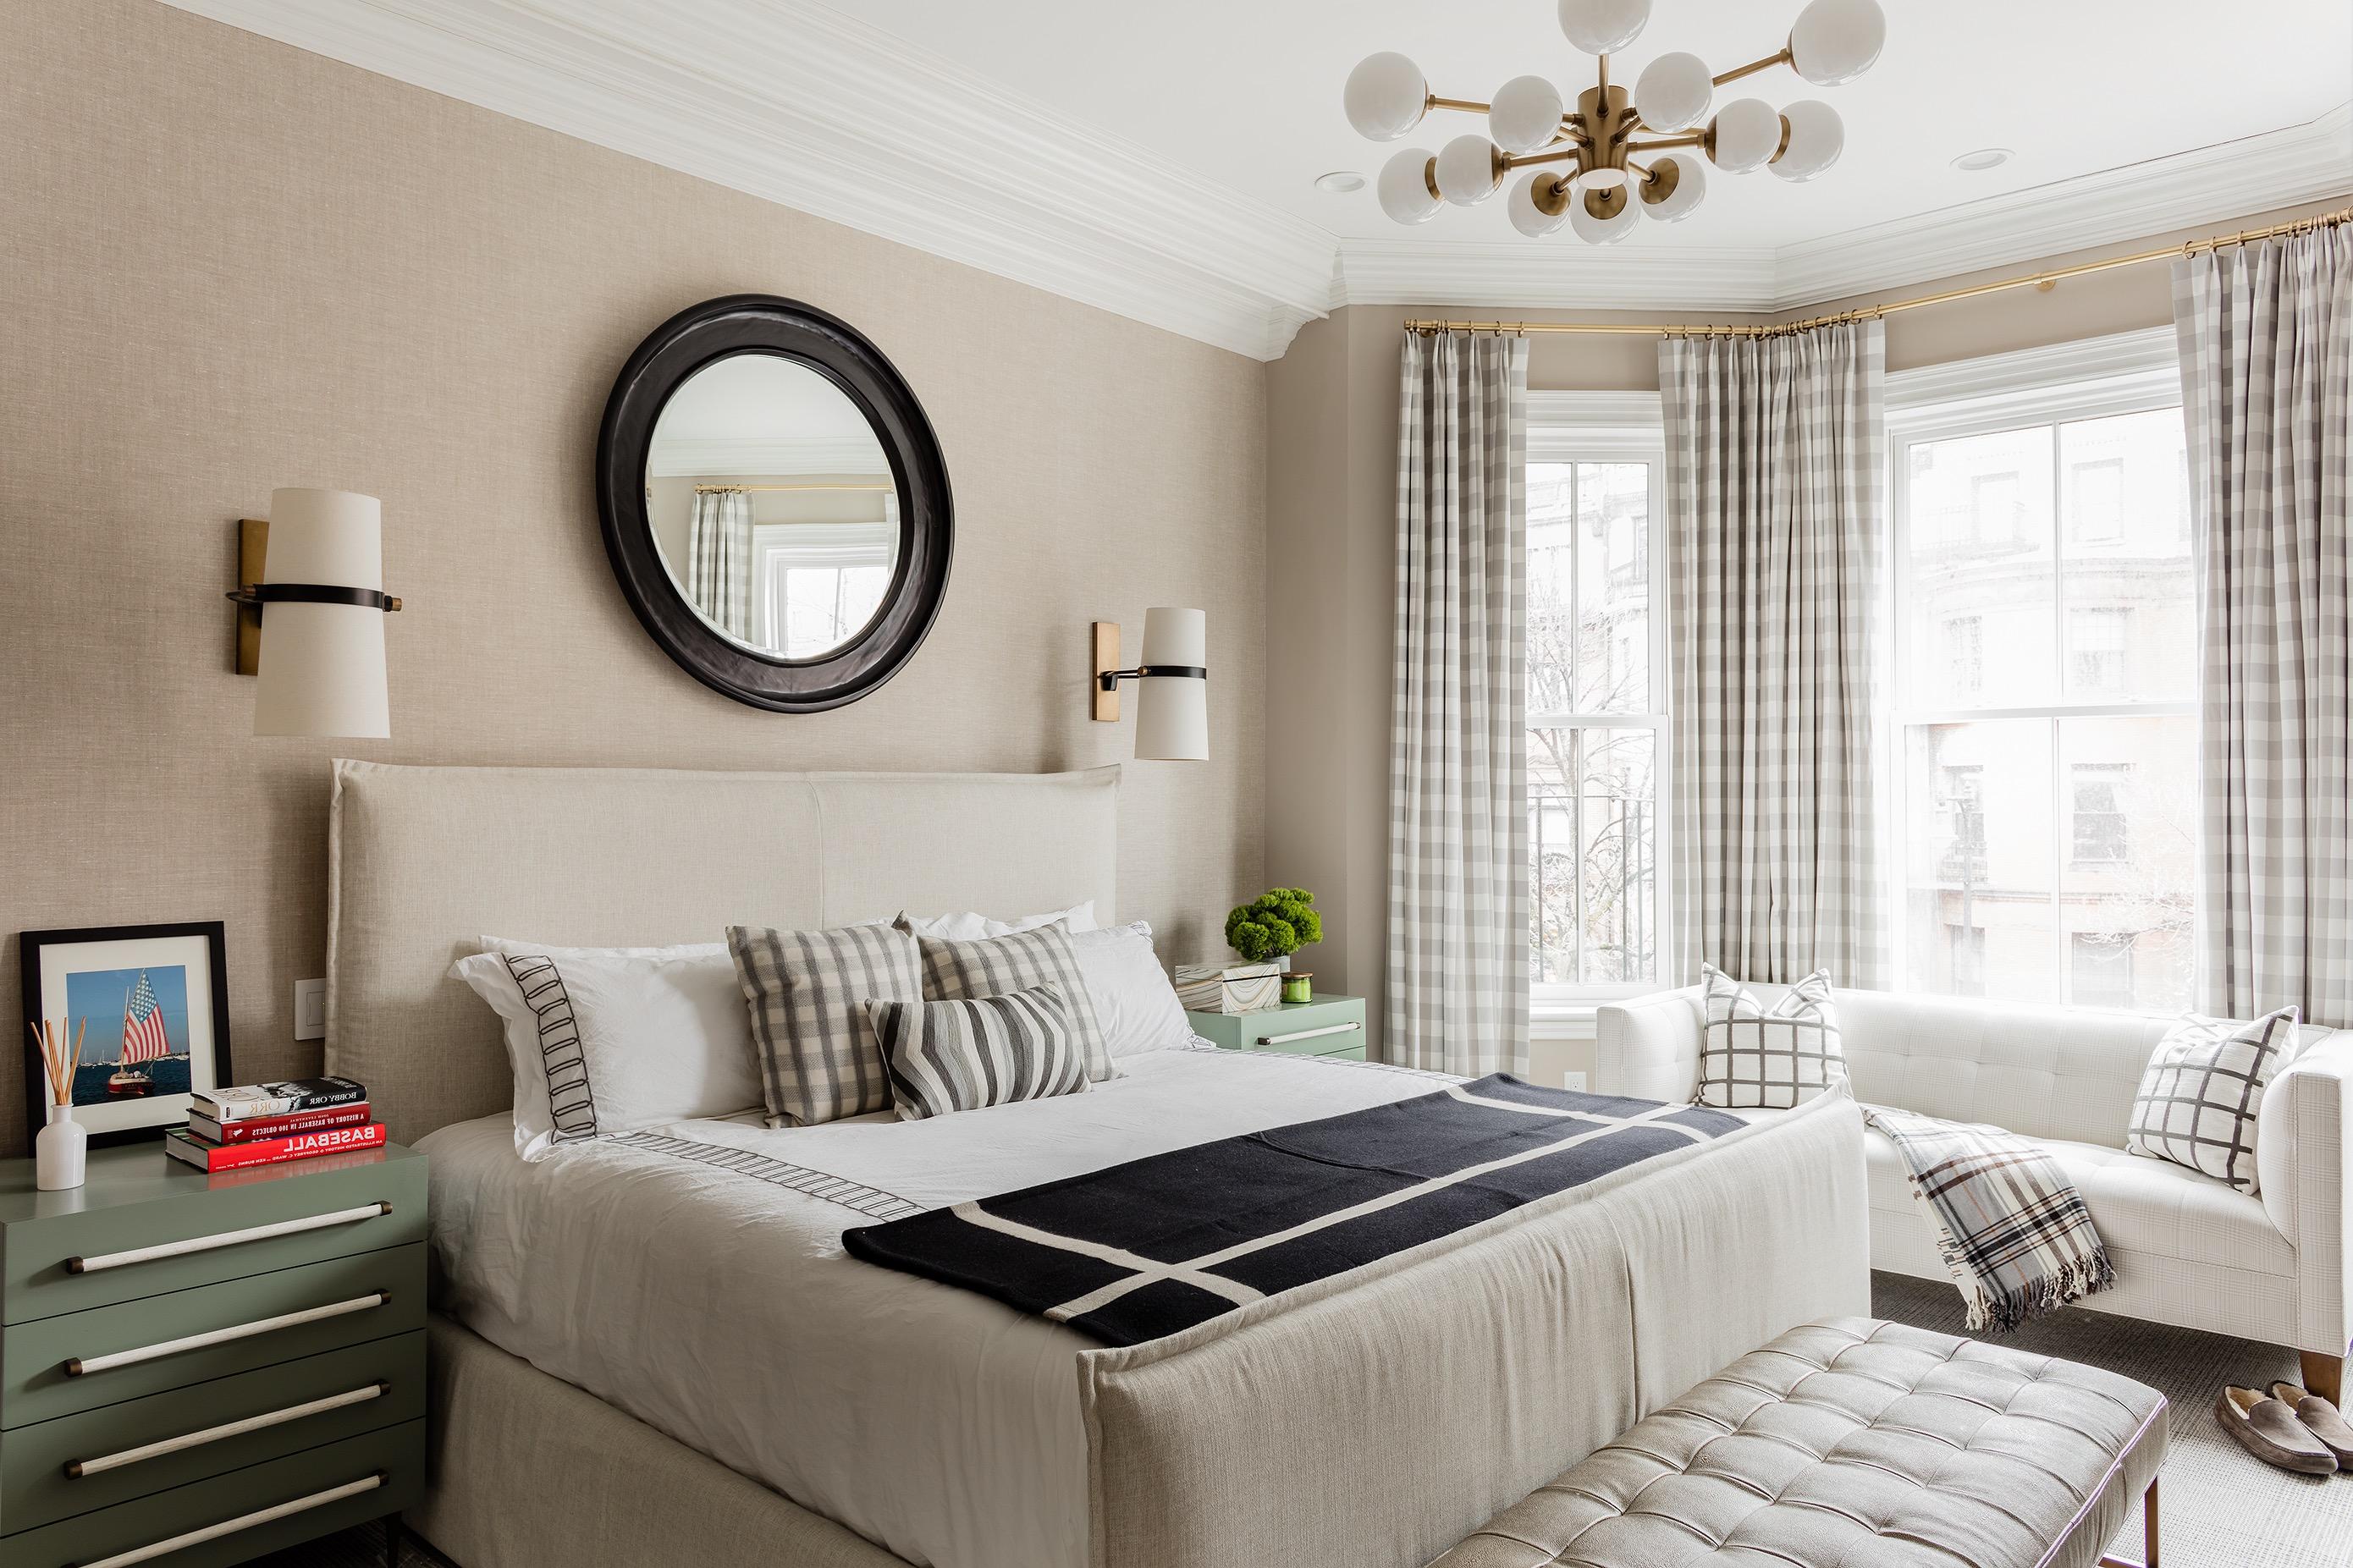 Classic Elegant Apartment Bedroom (Image 5 of 19)